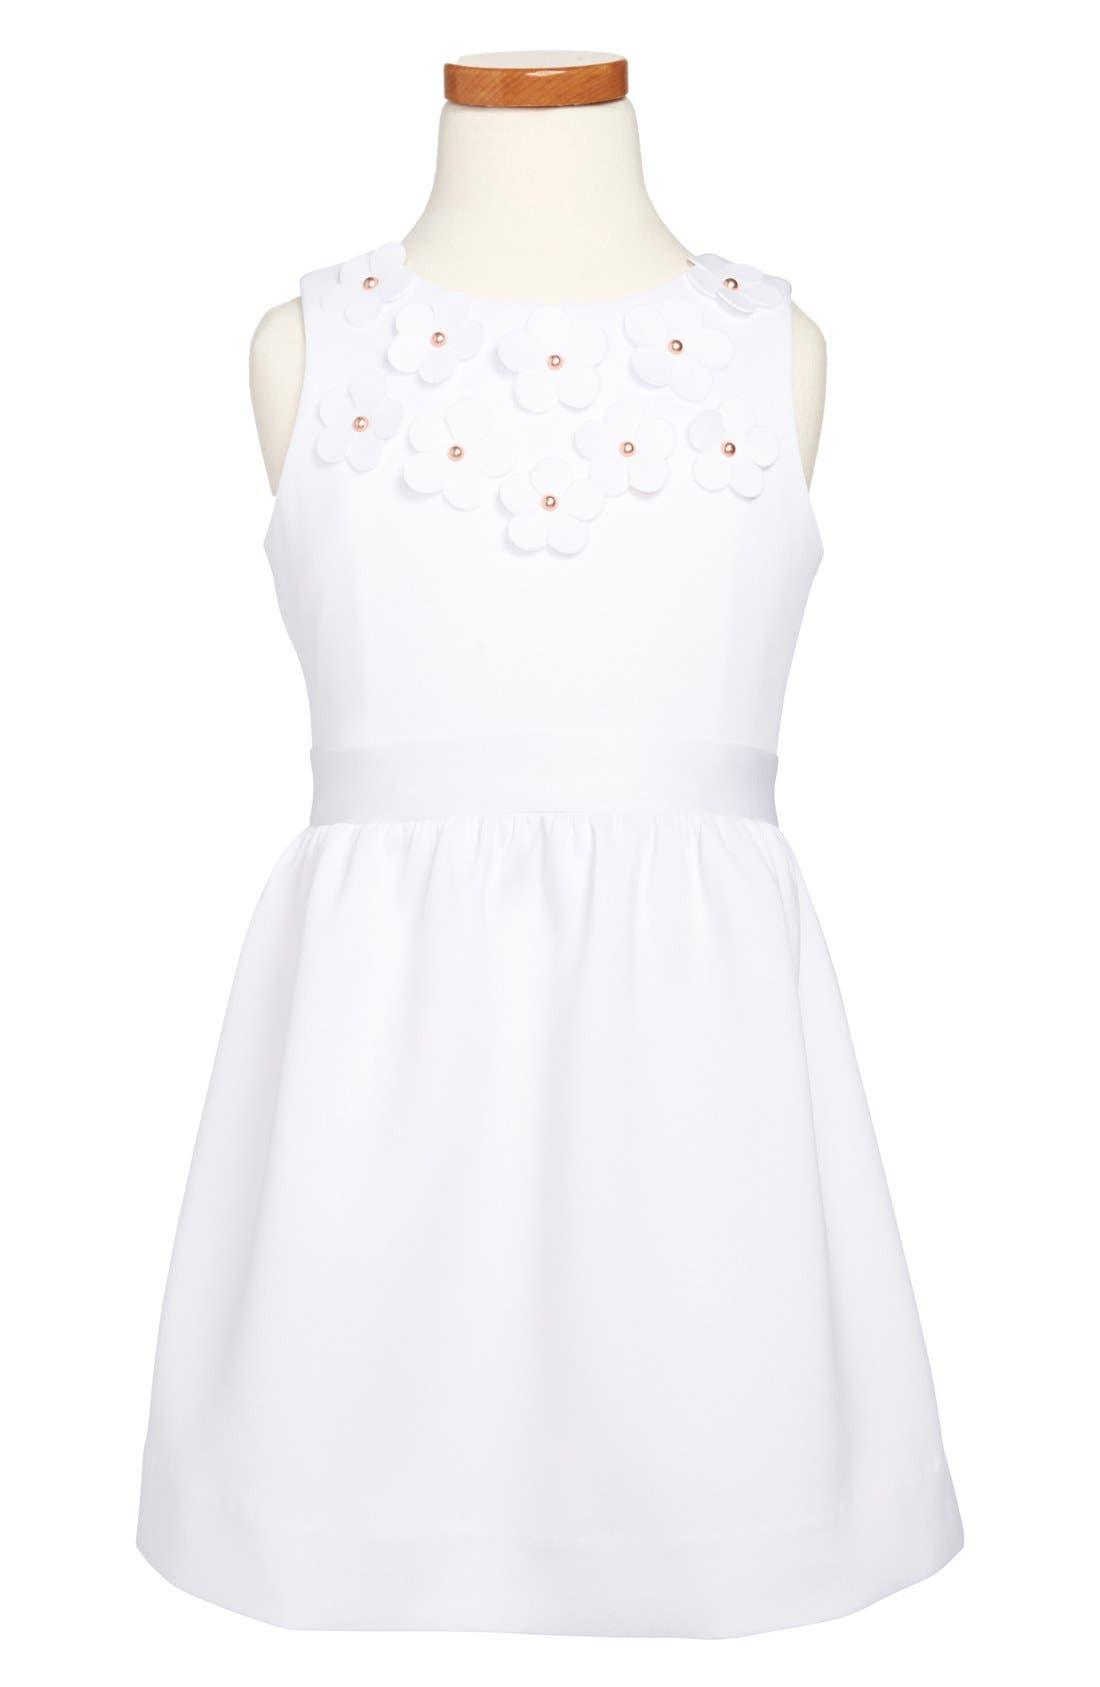 Main Image - Milly Minis Sleeveless Dress (Toddler Girls & Big Girls)